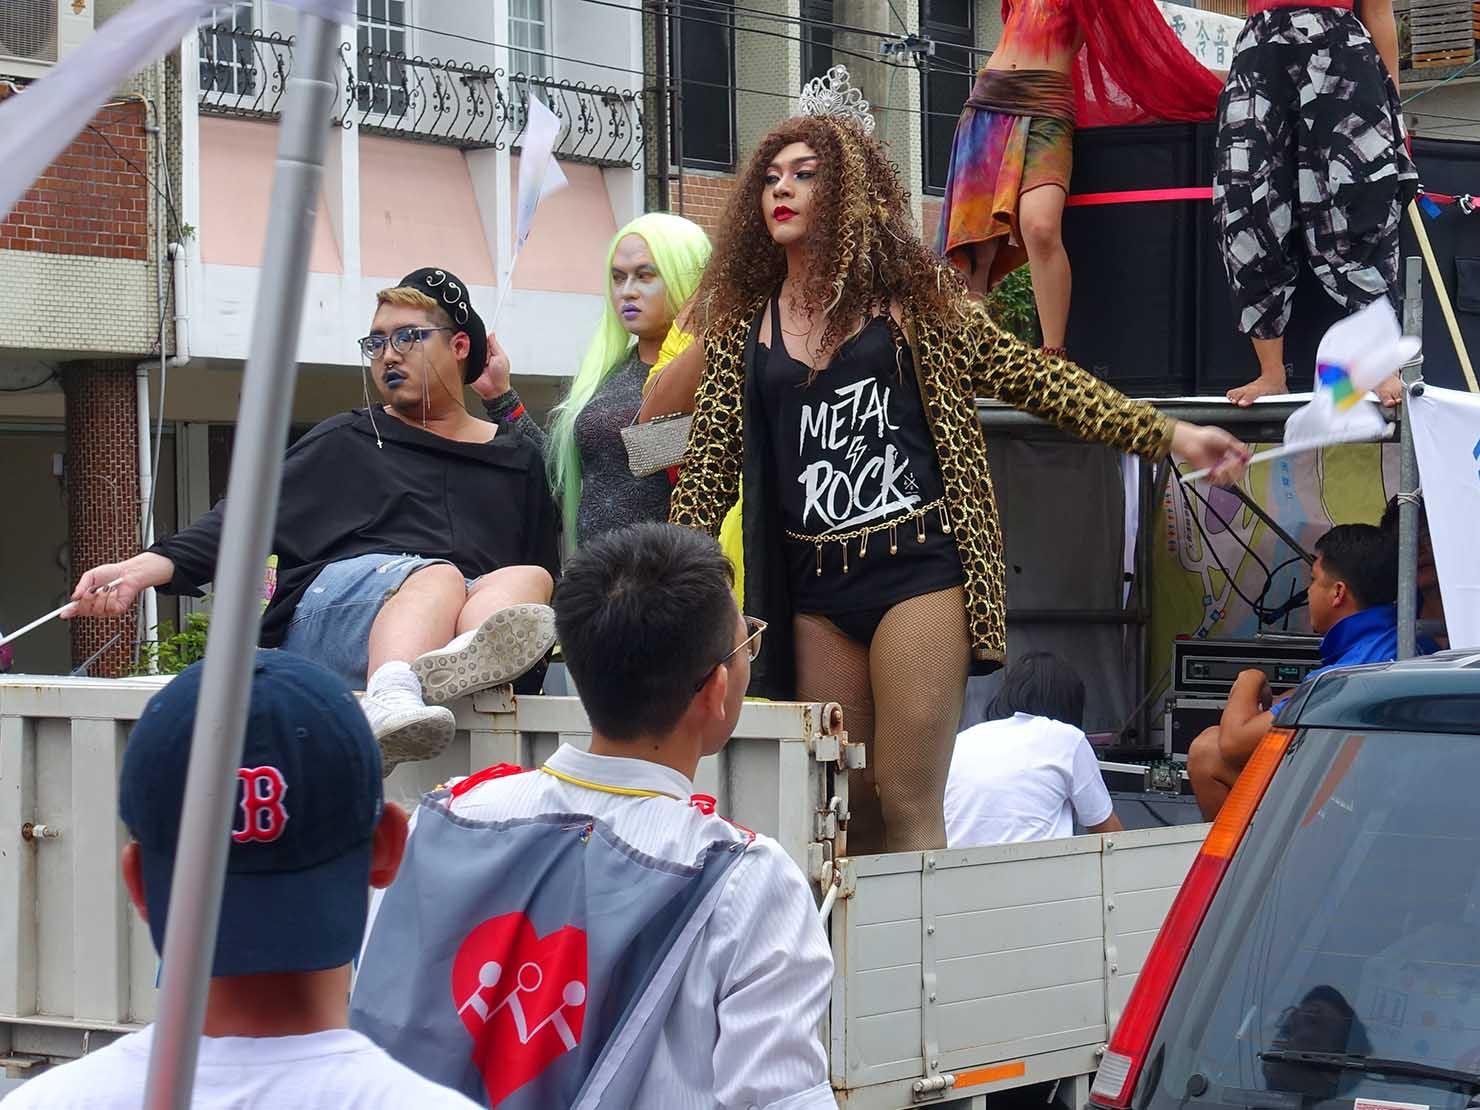 花東彩虹嘉年華(台湾東部LGBTプライド / 花蓮場)のパレードカーに乗るドラァグクイーン